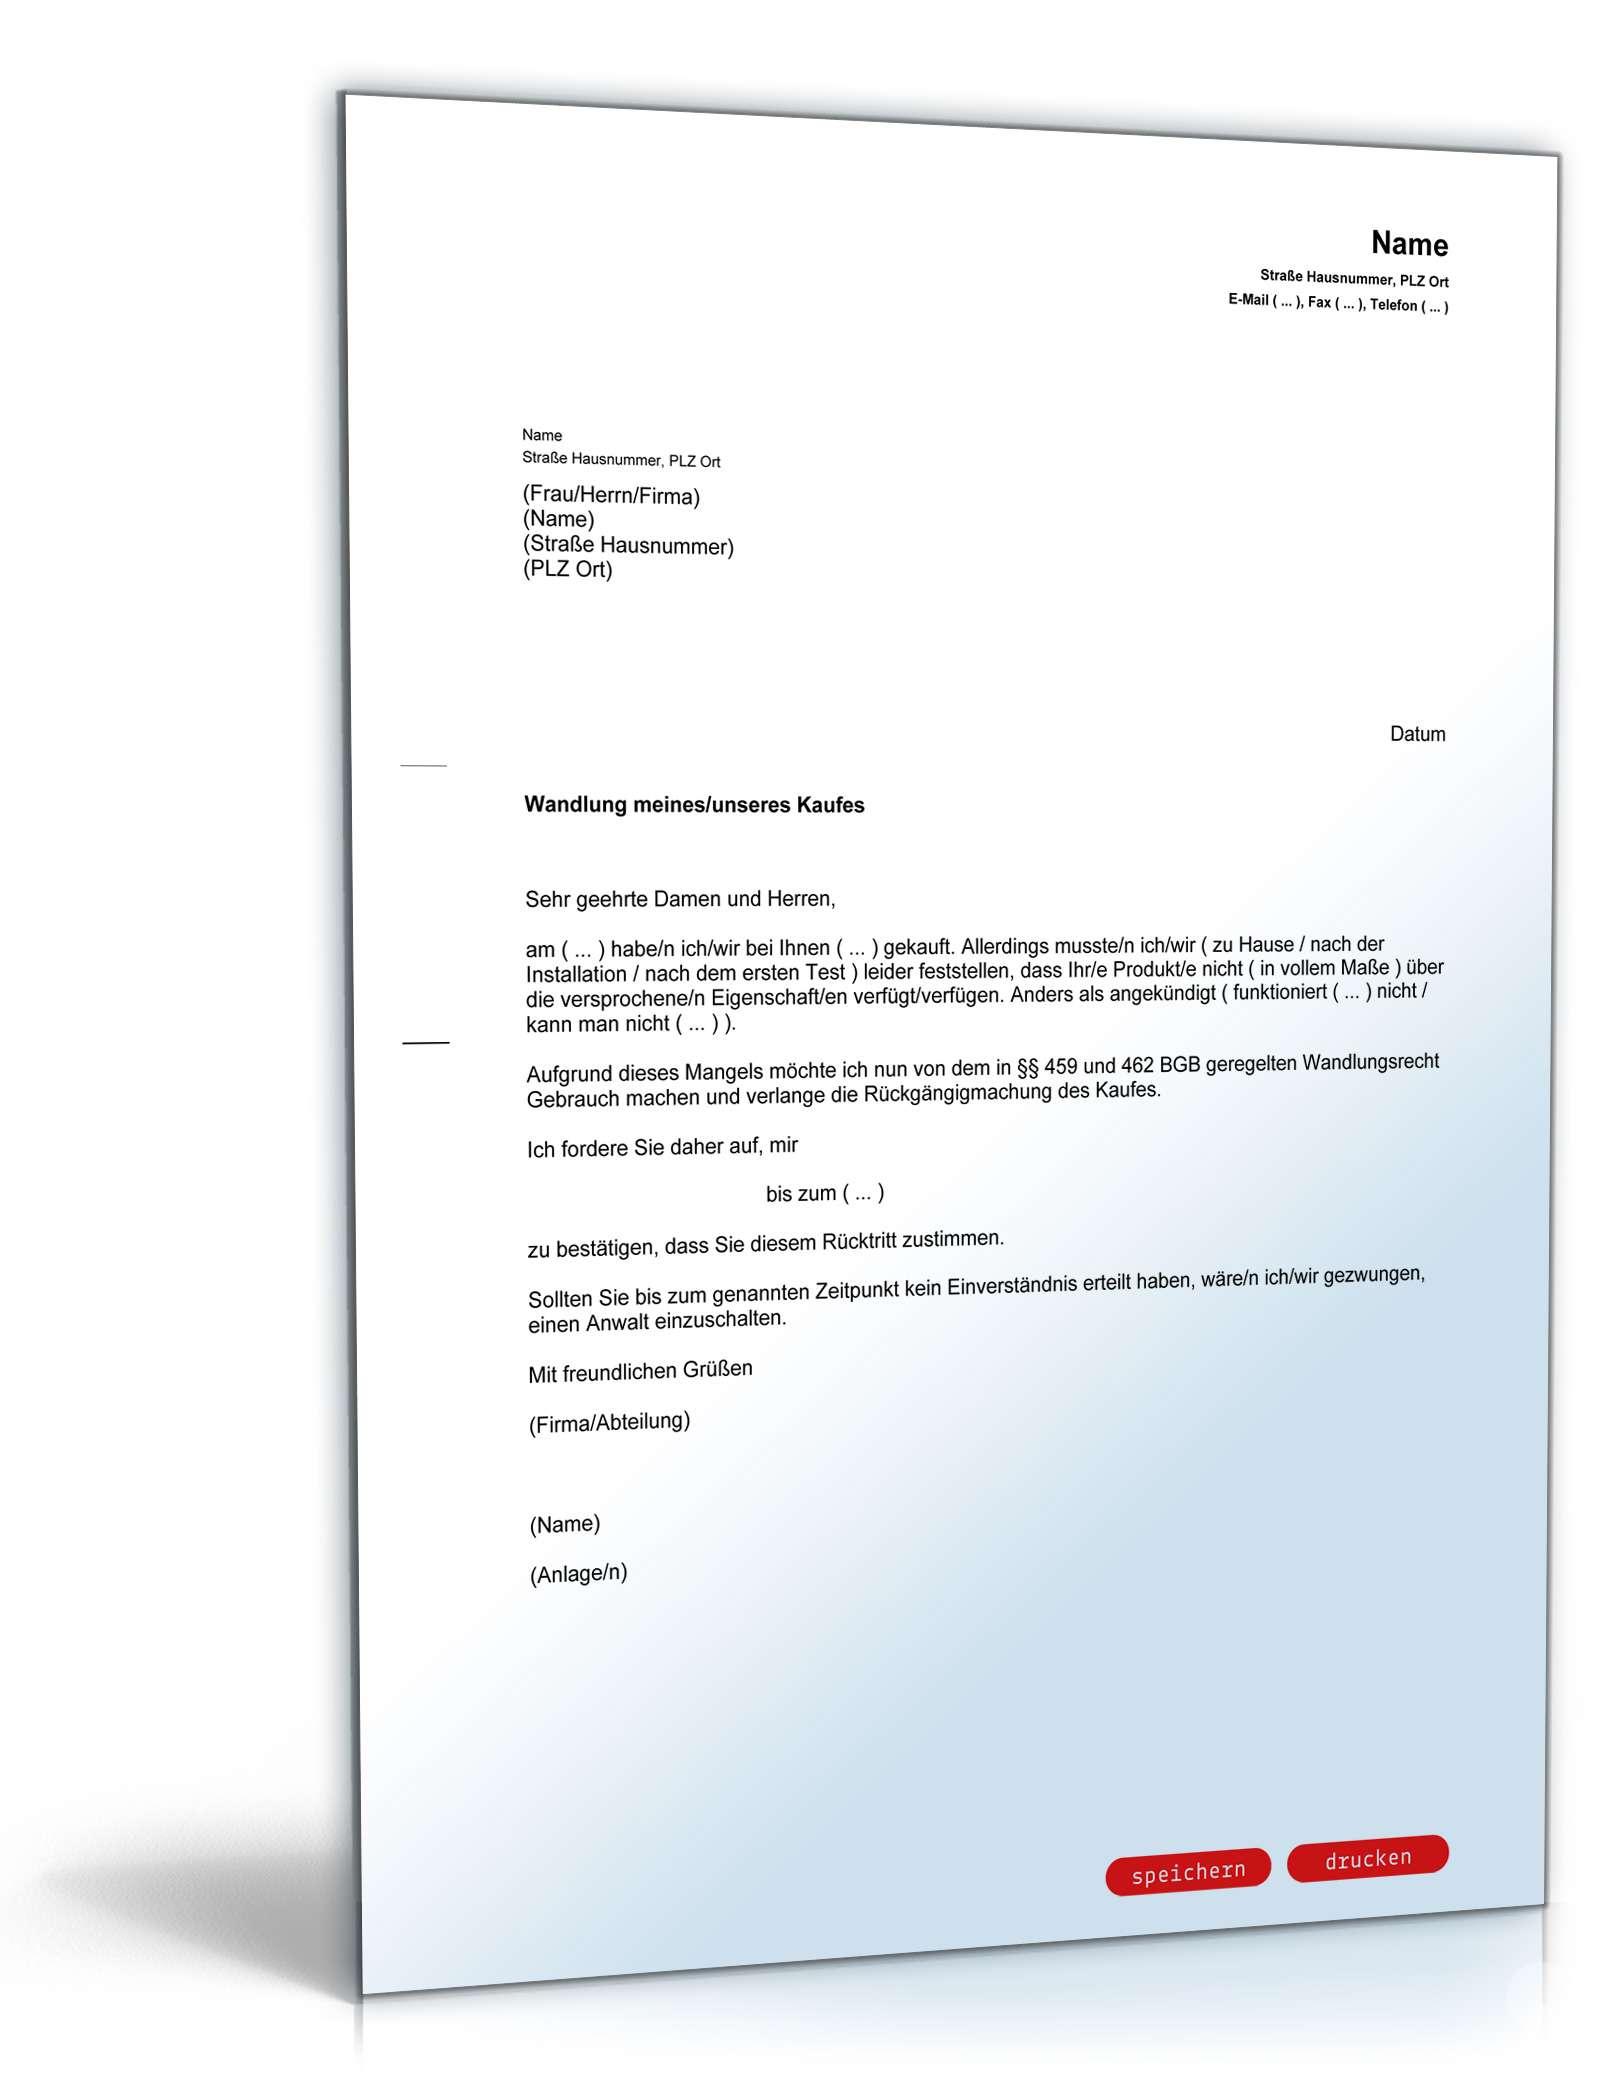 Rücktritt vom Kaufvertrag bei Falschauskunft   Muster zum